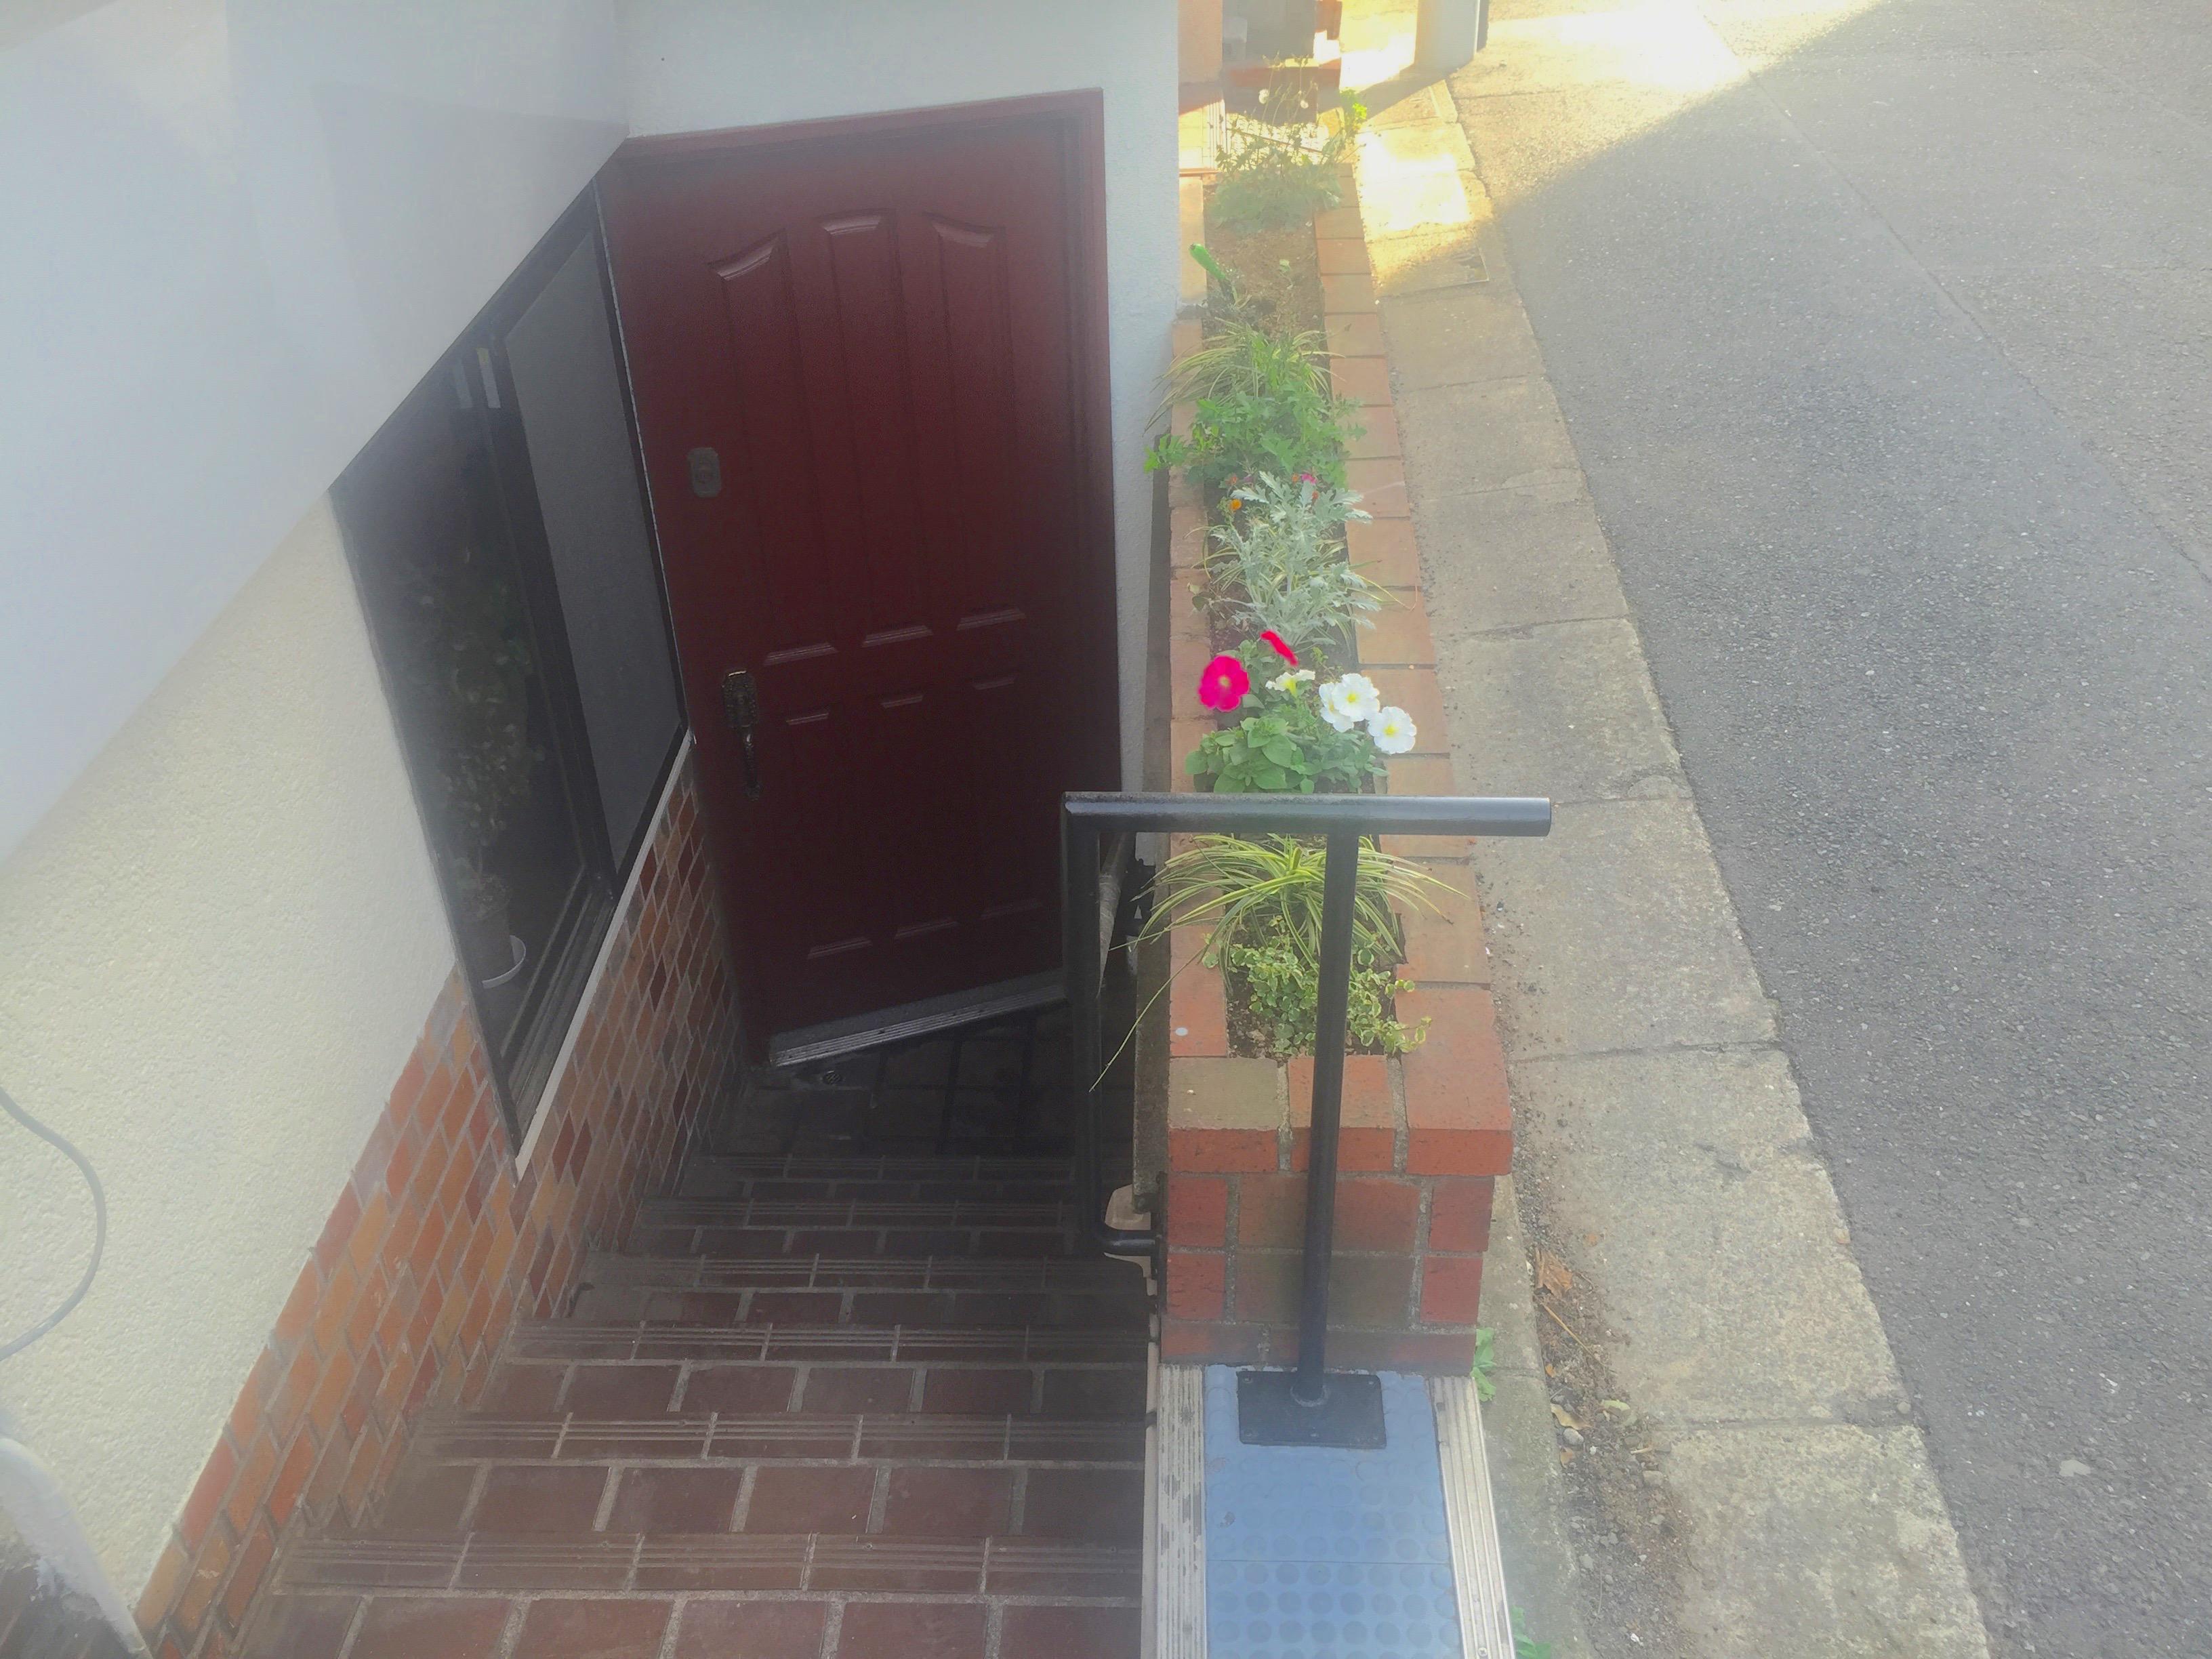 人気キッチン付きスペースに新店舗!シックで大人な雰囲気の「magari 洗足店」